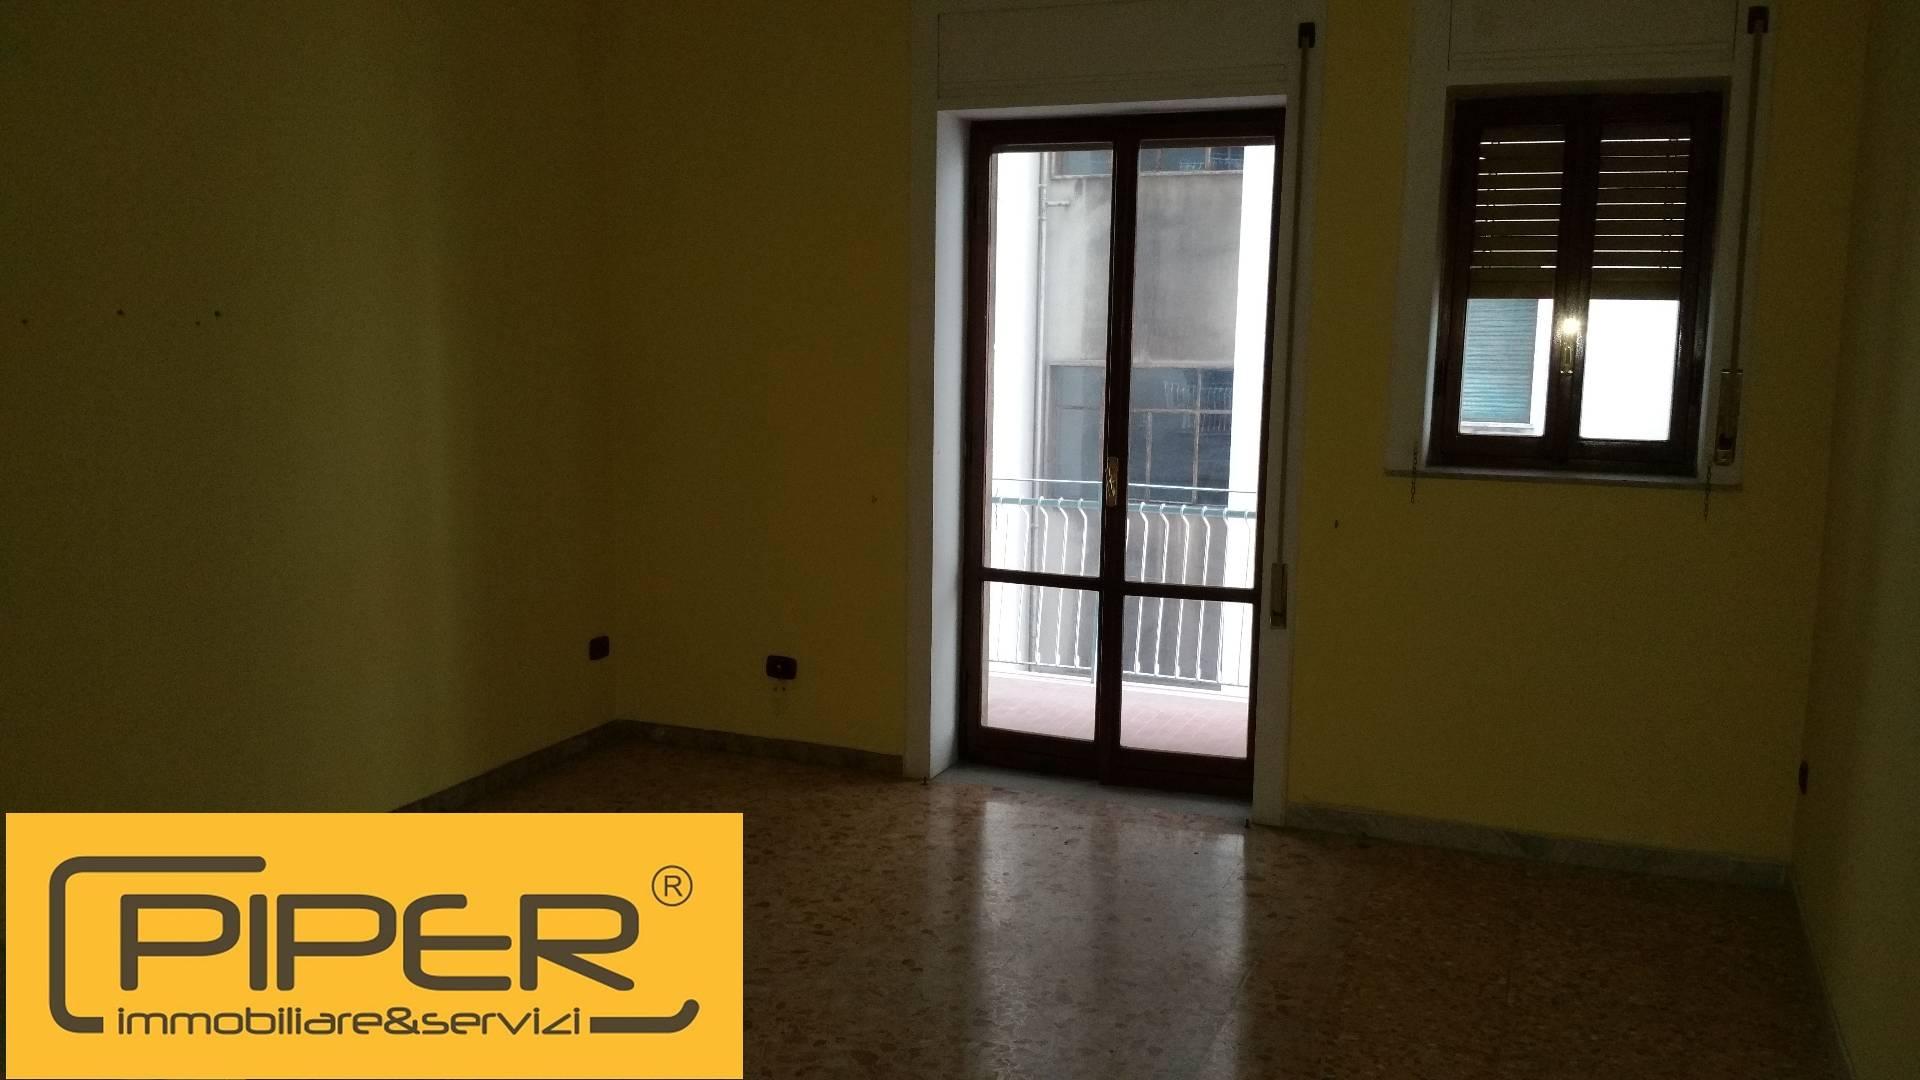 Appartamento in affitto a Napoli, 2 locali, zona Località: Vomero, prezzo € 900 | CambioCasa.it